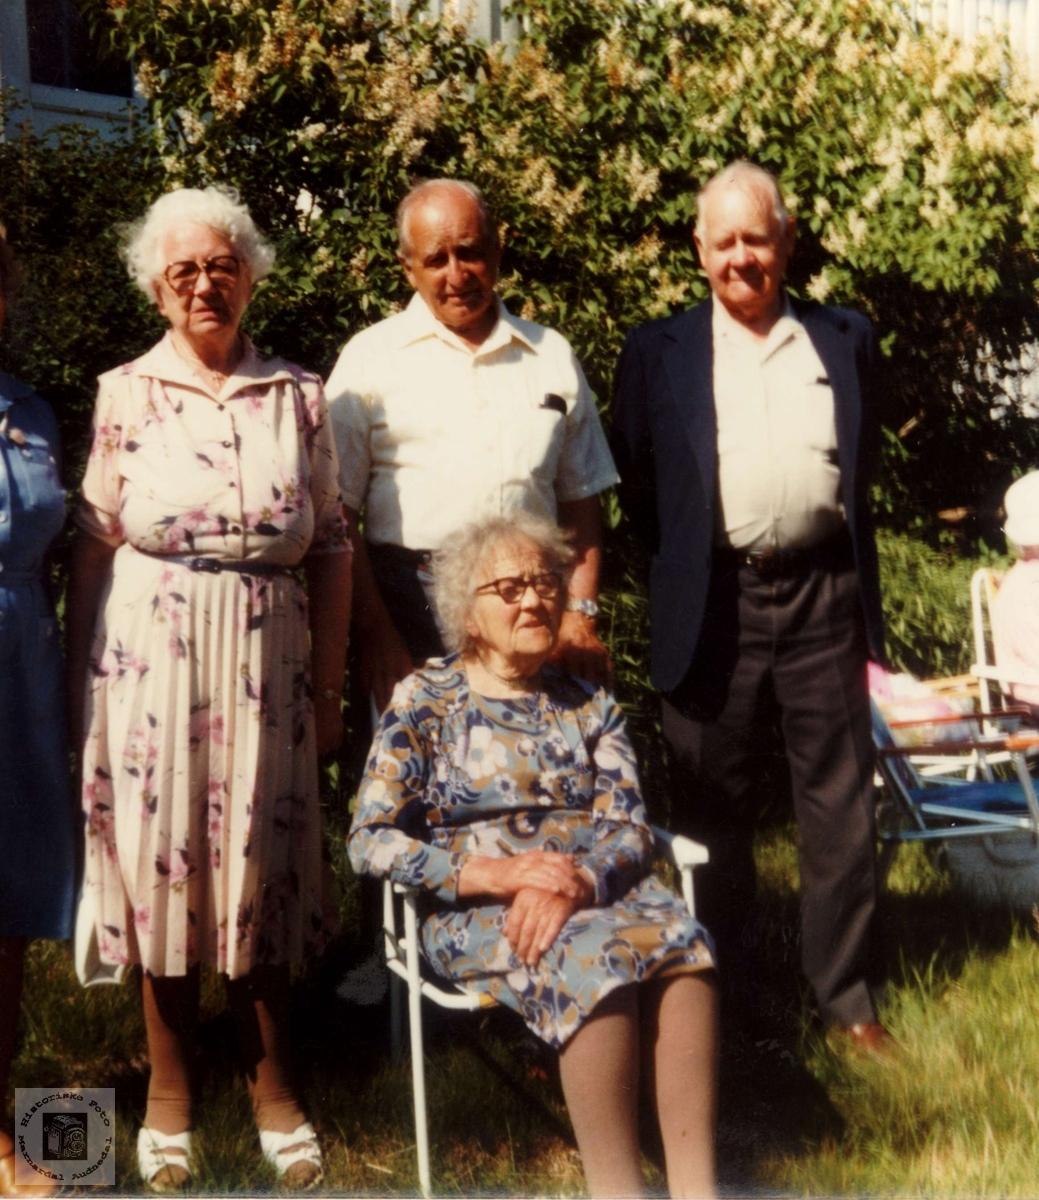 Søskenbarn fra Lyngdal og kusine fra Håland hos Maria Røynesdal